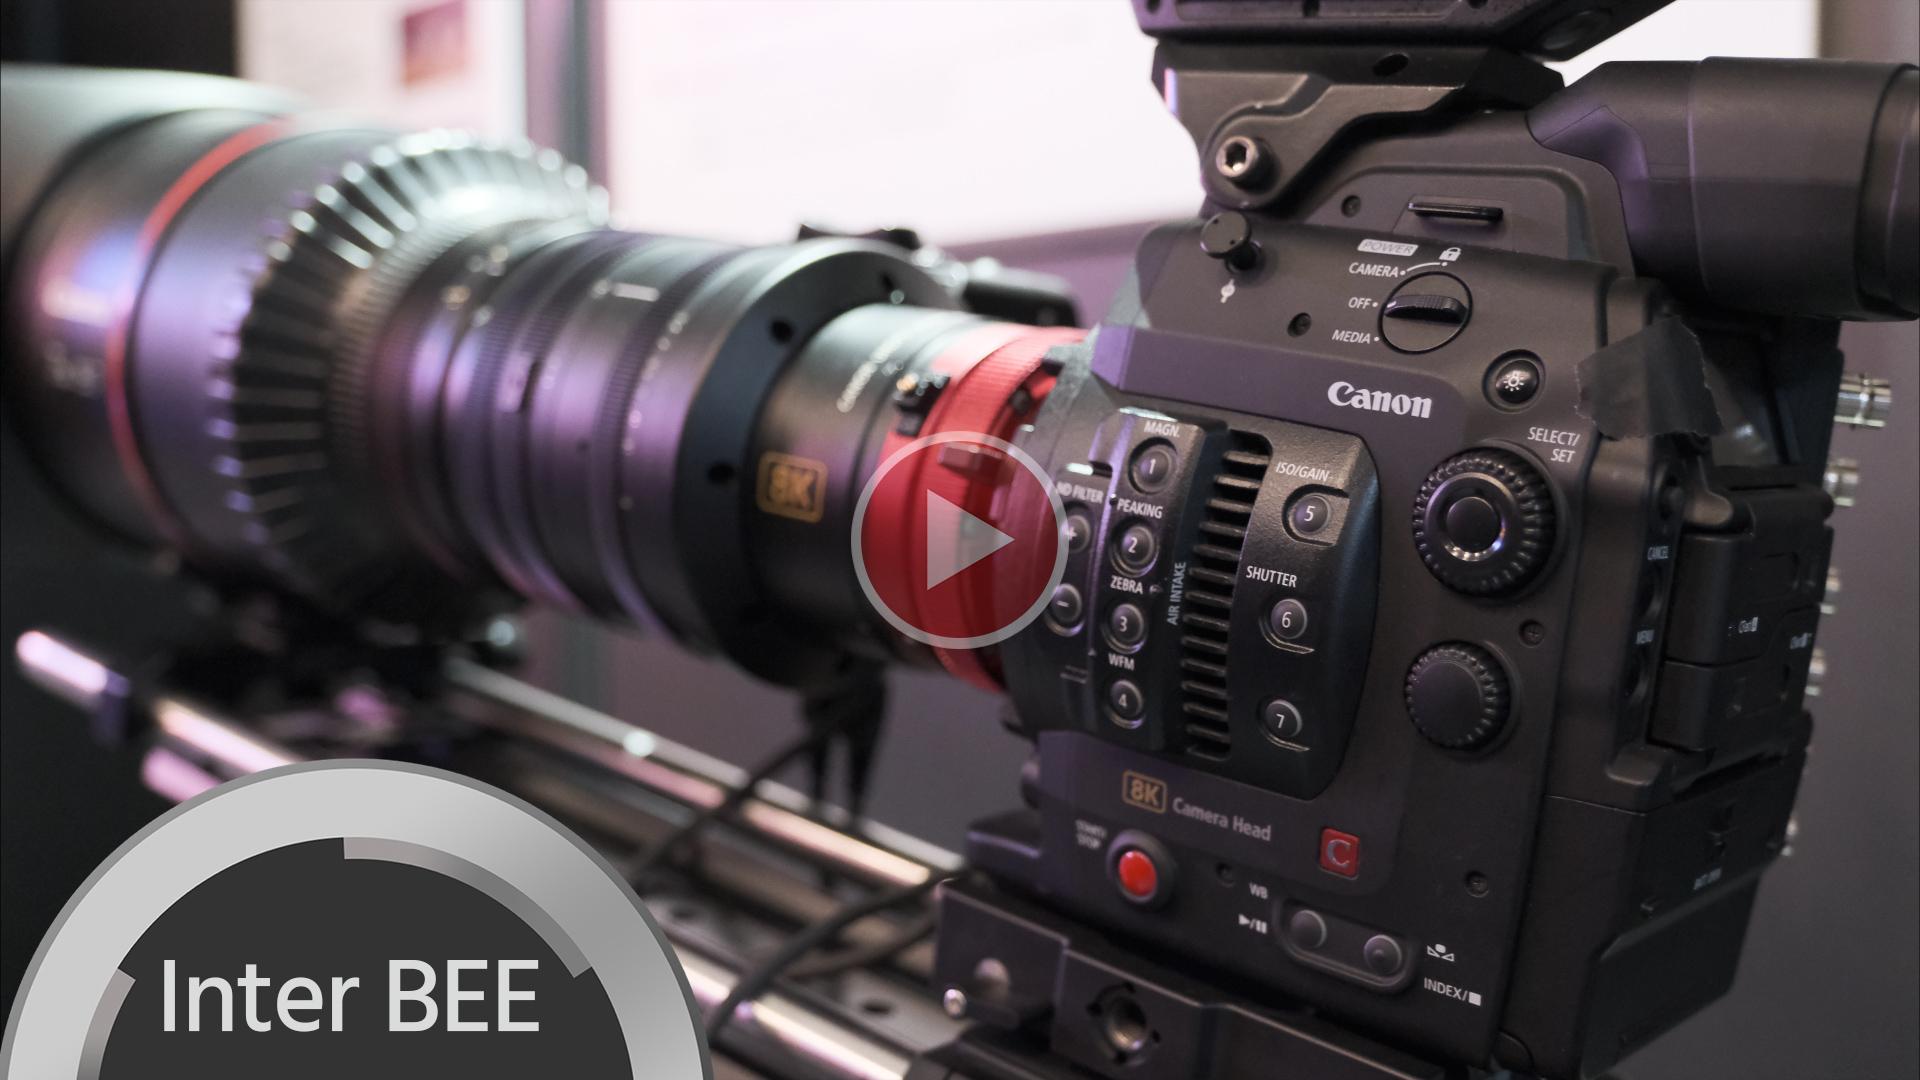 La Próxima Cámara 8K de Canon - Explicación del concepto